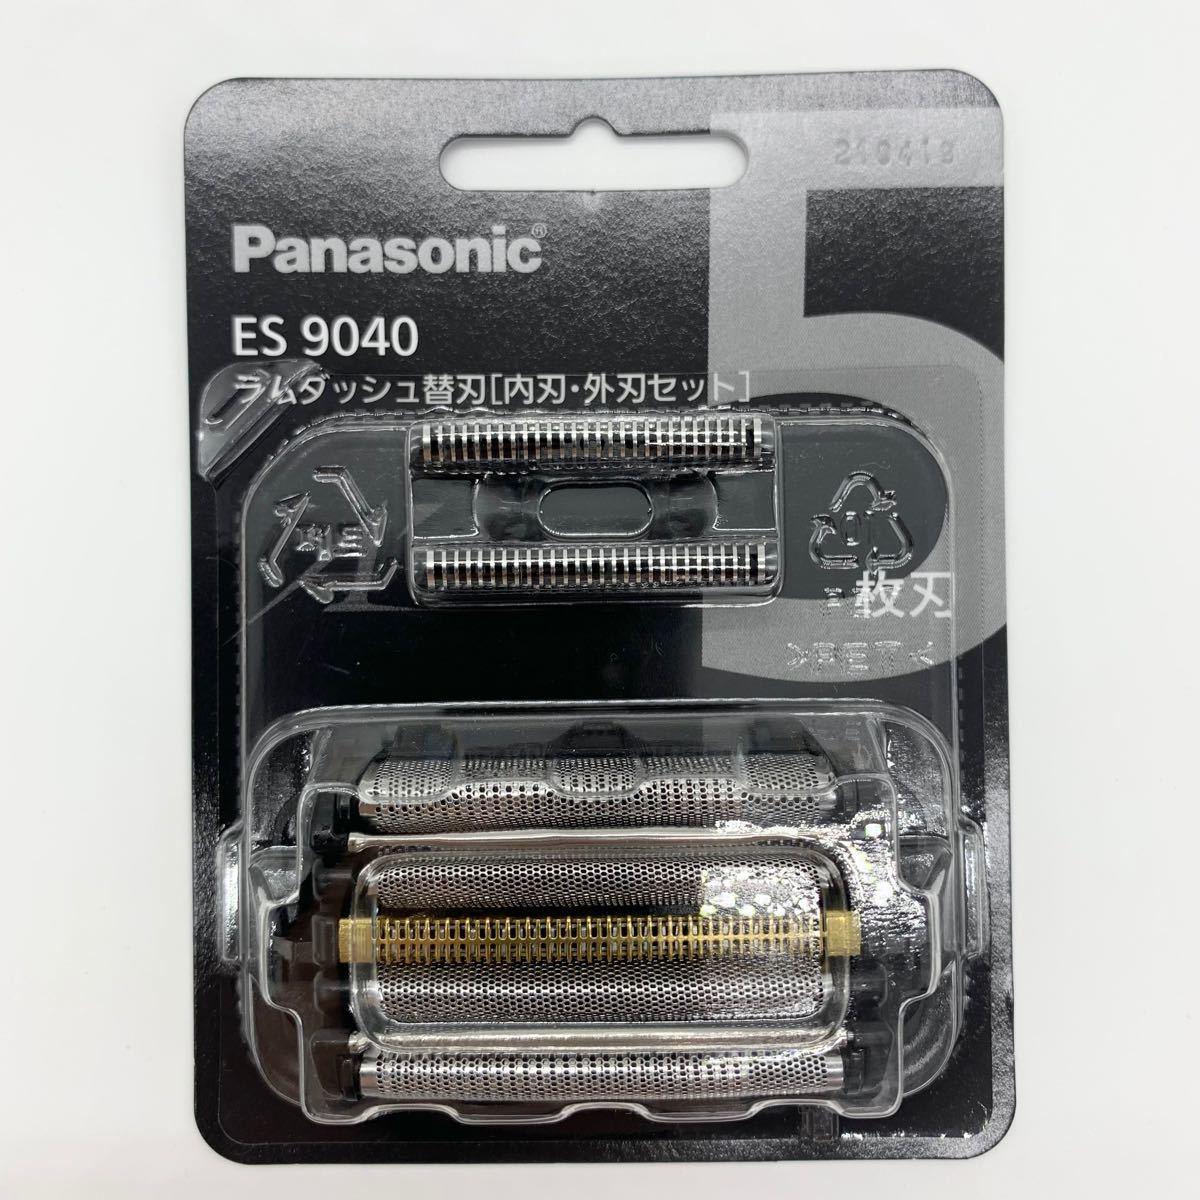 パナソニック ES9040 メンズシェーバー用 替刃 ラムダッシュ 5枚刃 セット刃